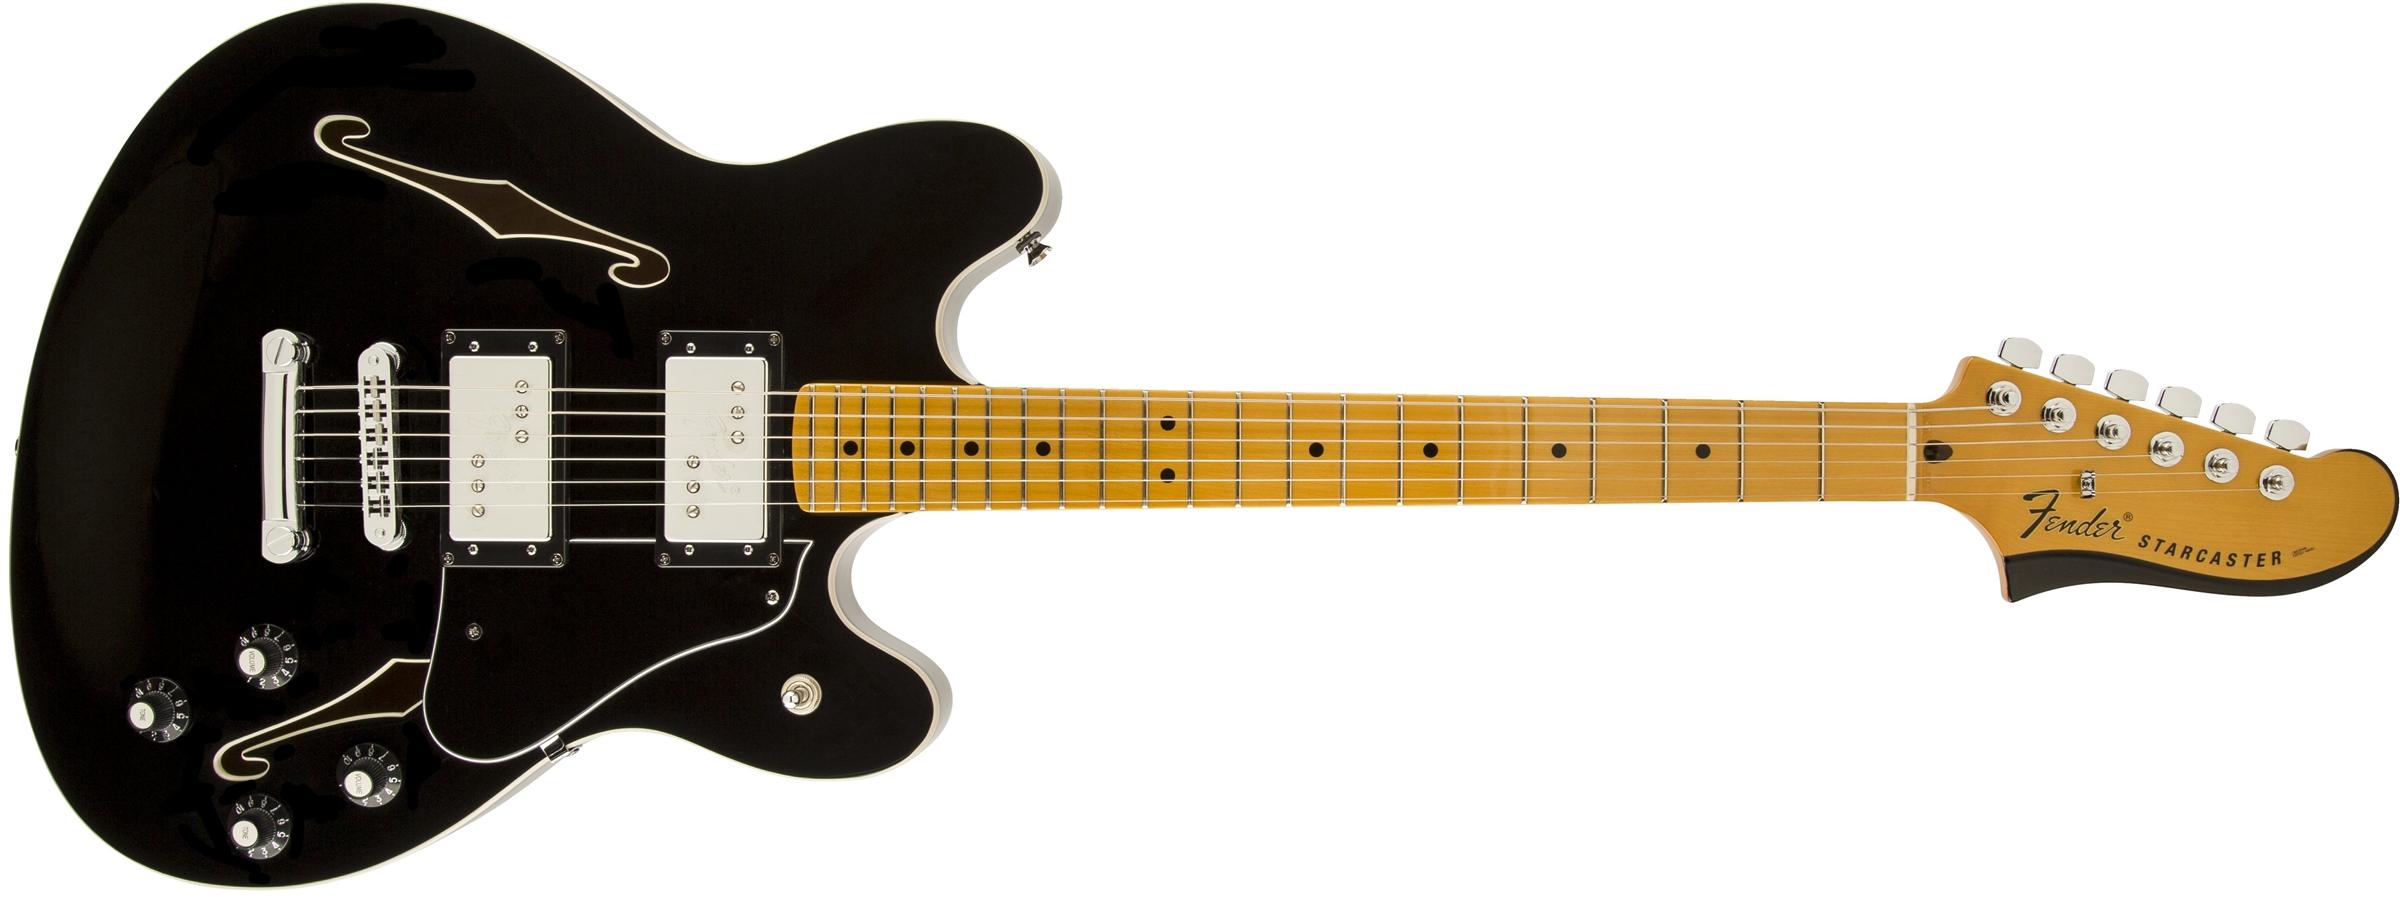 starcaster guitar electric guitars. Black Bedroom Furniture Sets. Home Design Ideas